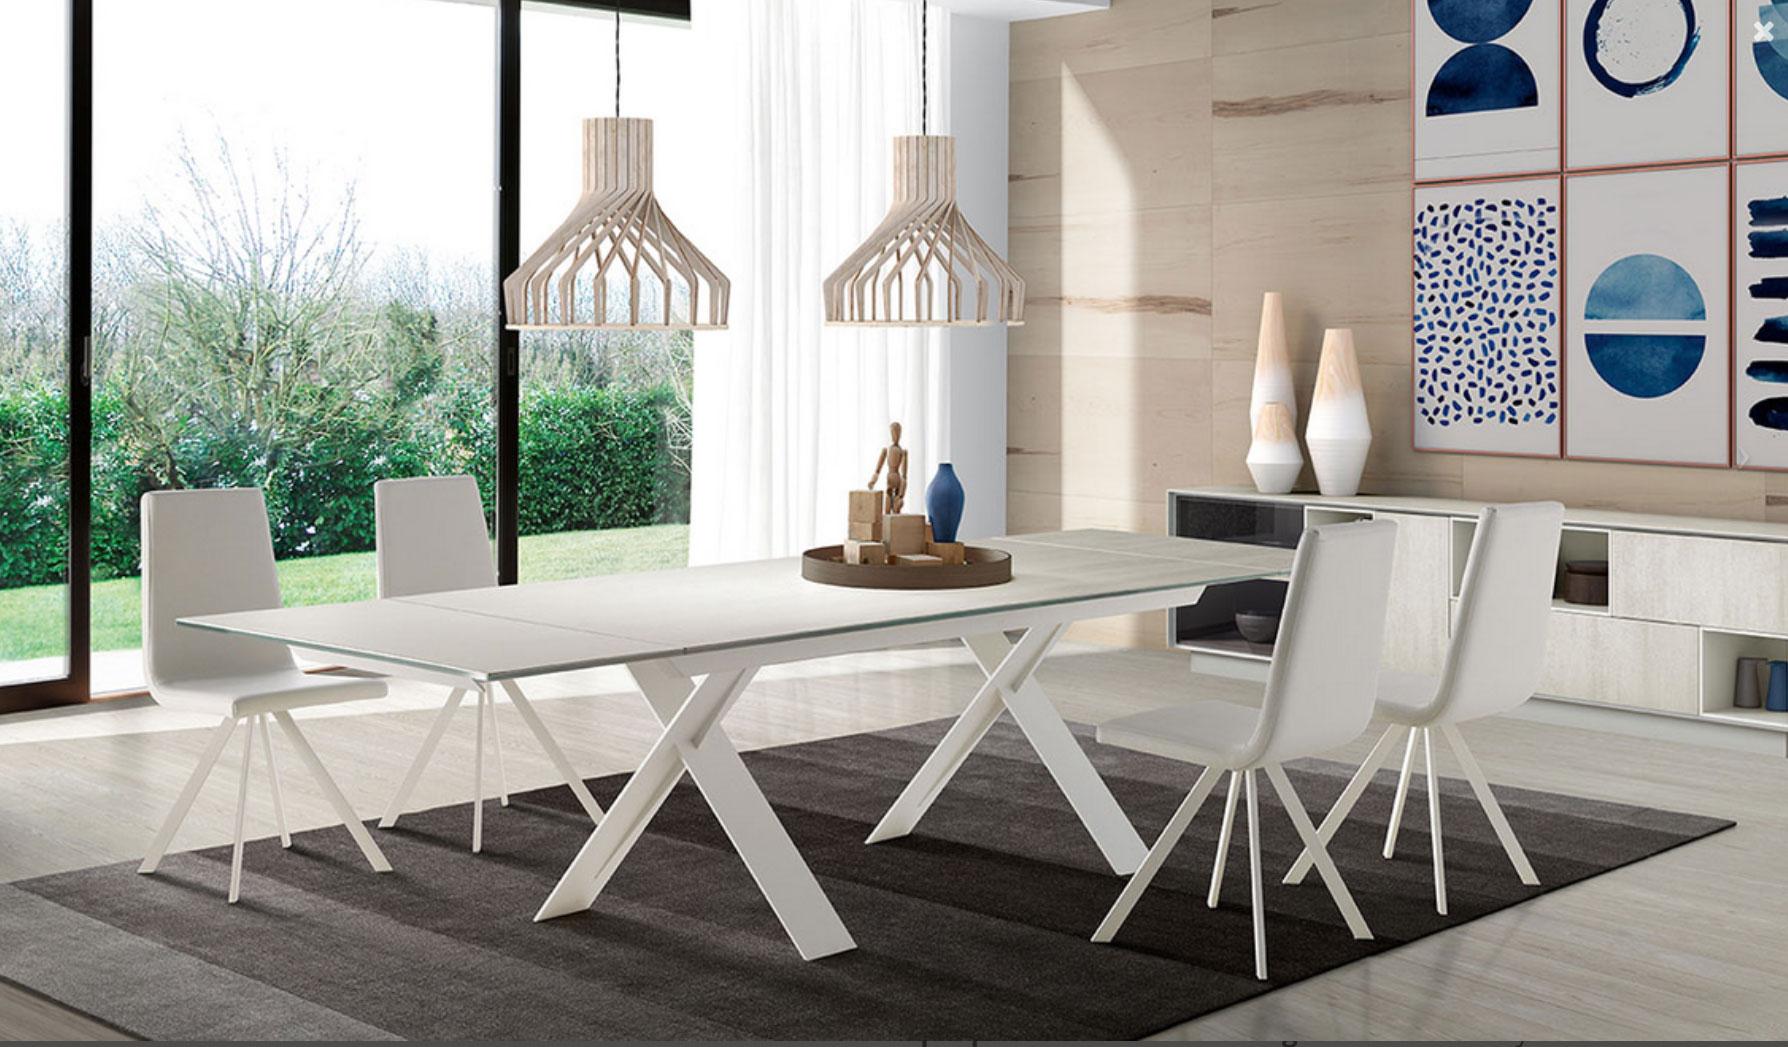 Mesa comedor Xenon blanca Muebles Toscana